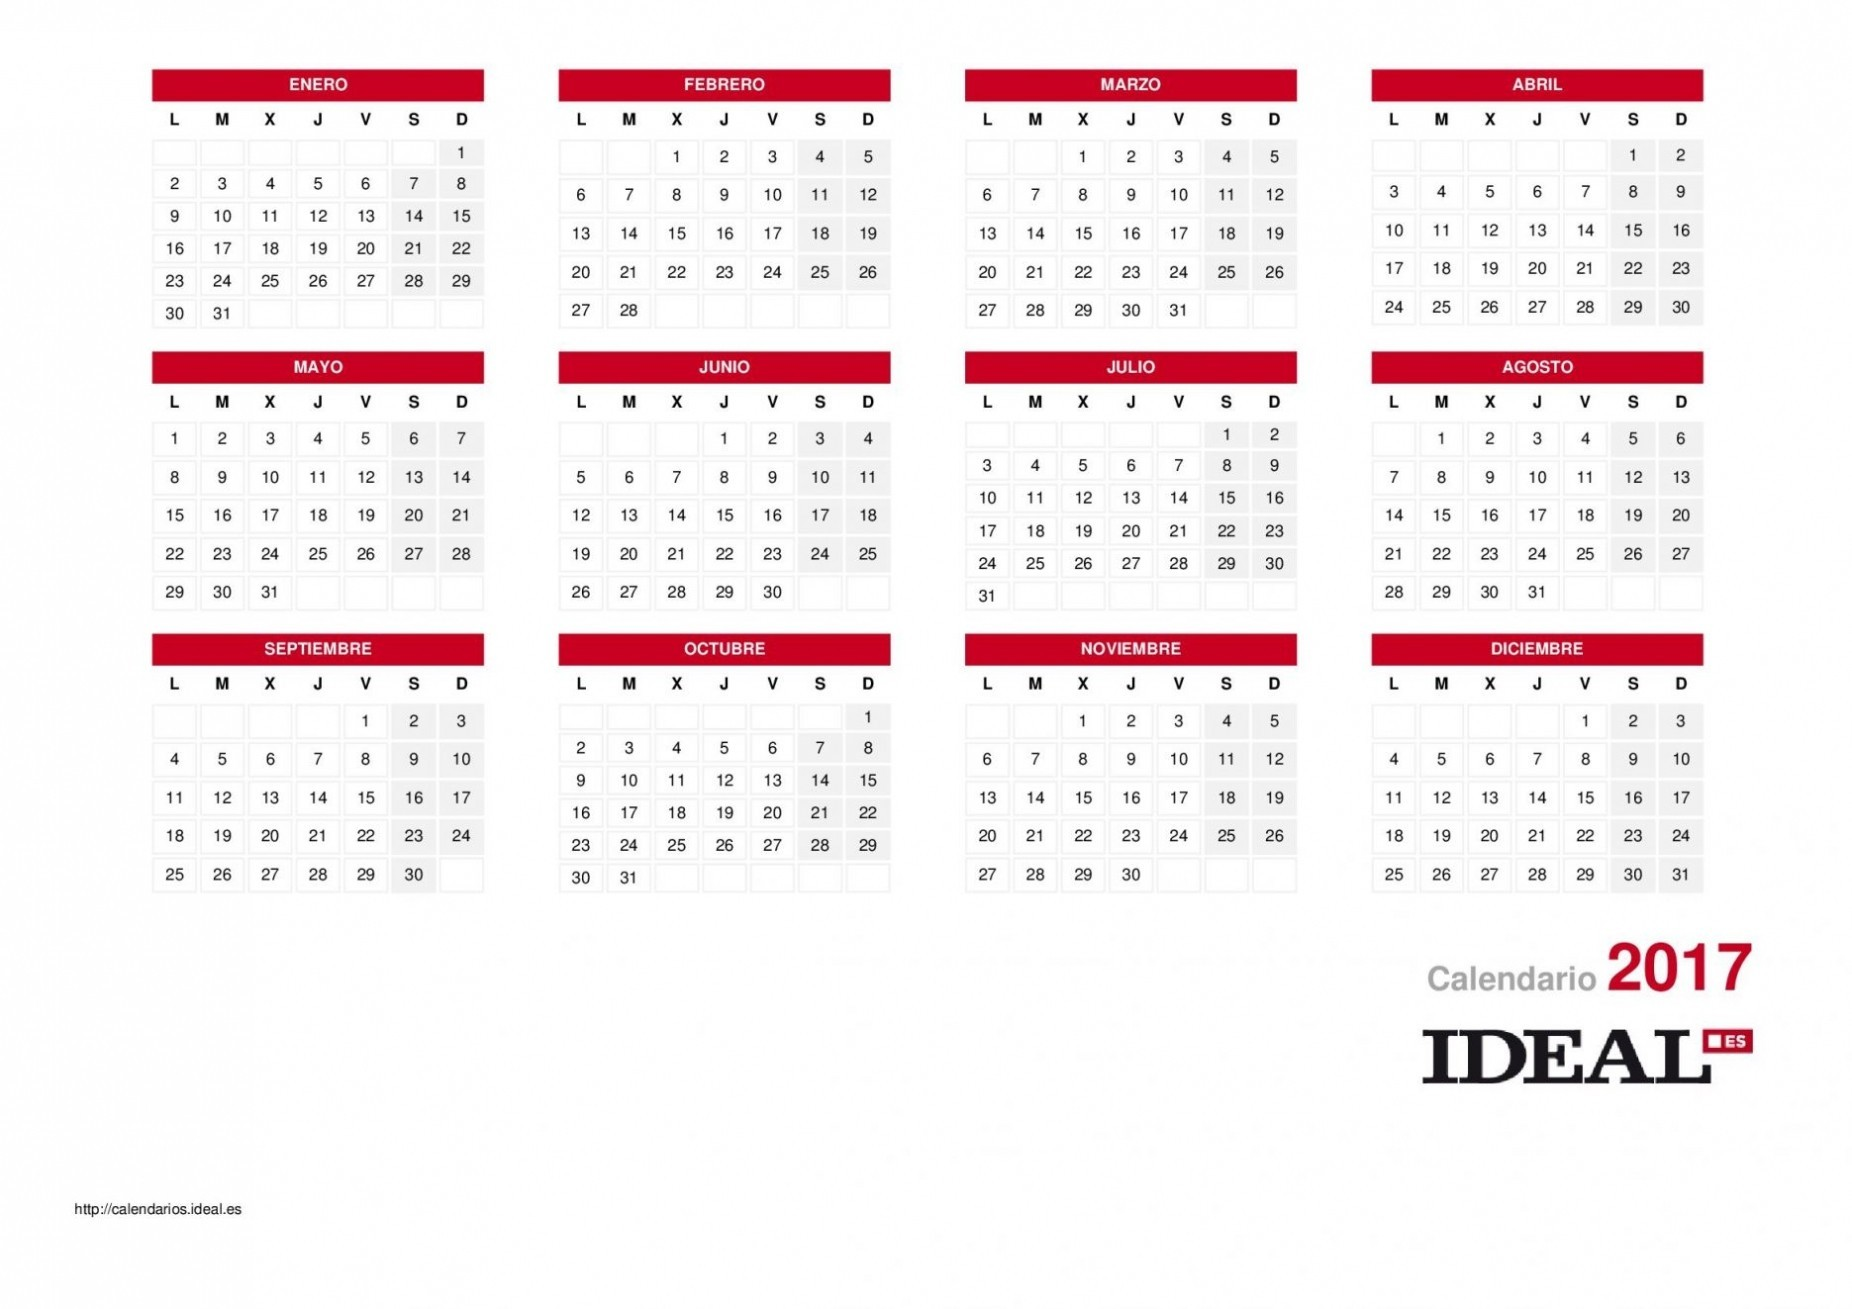 Calendario 2017 Para Imprimir Com Feriados El Salvador Más Recientes Observar Calendario 2019 Feriados Colombia Of Calendario 2017 Para Imprimir Com Feriados El Salvador Más Recientes Cultura Revista Del Ministerio De Educacion Pdf